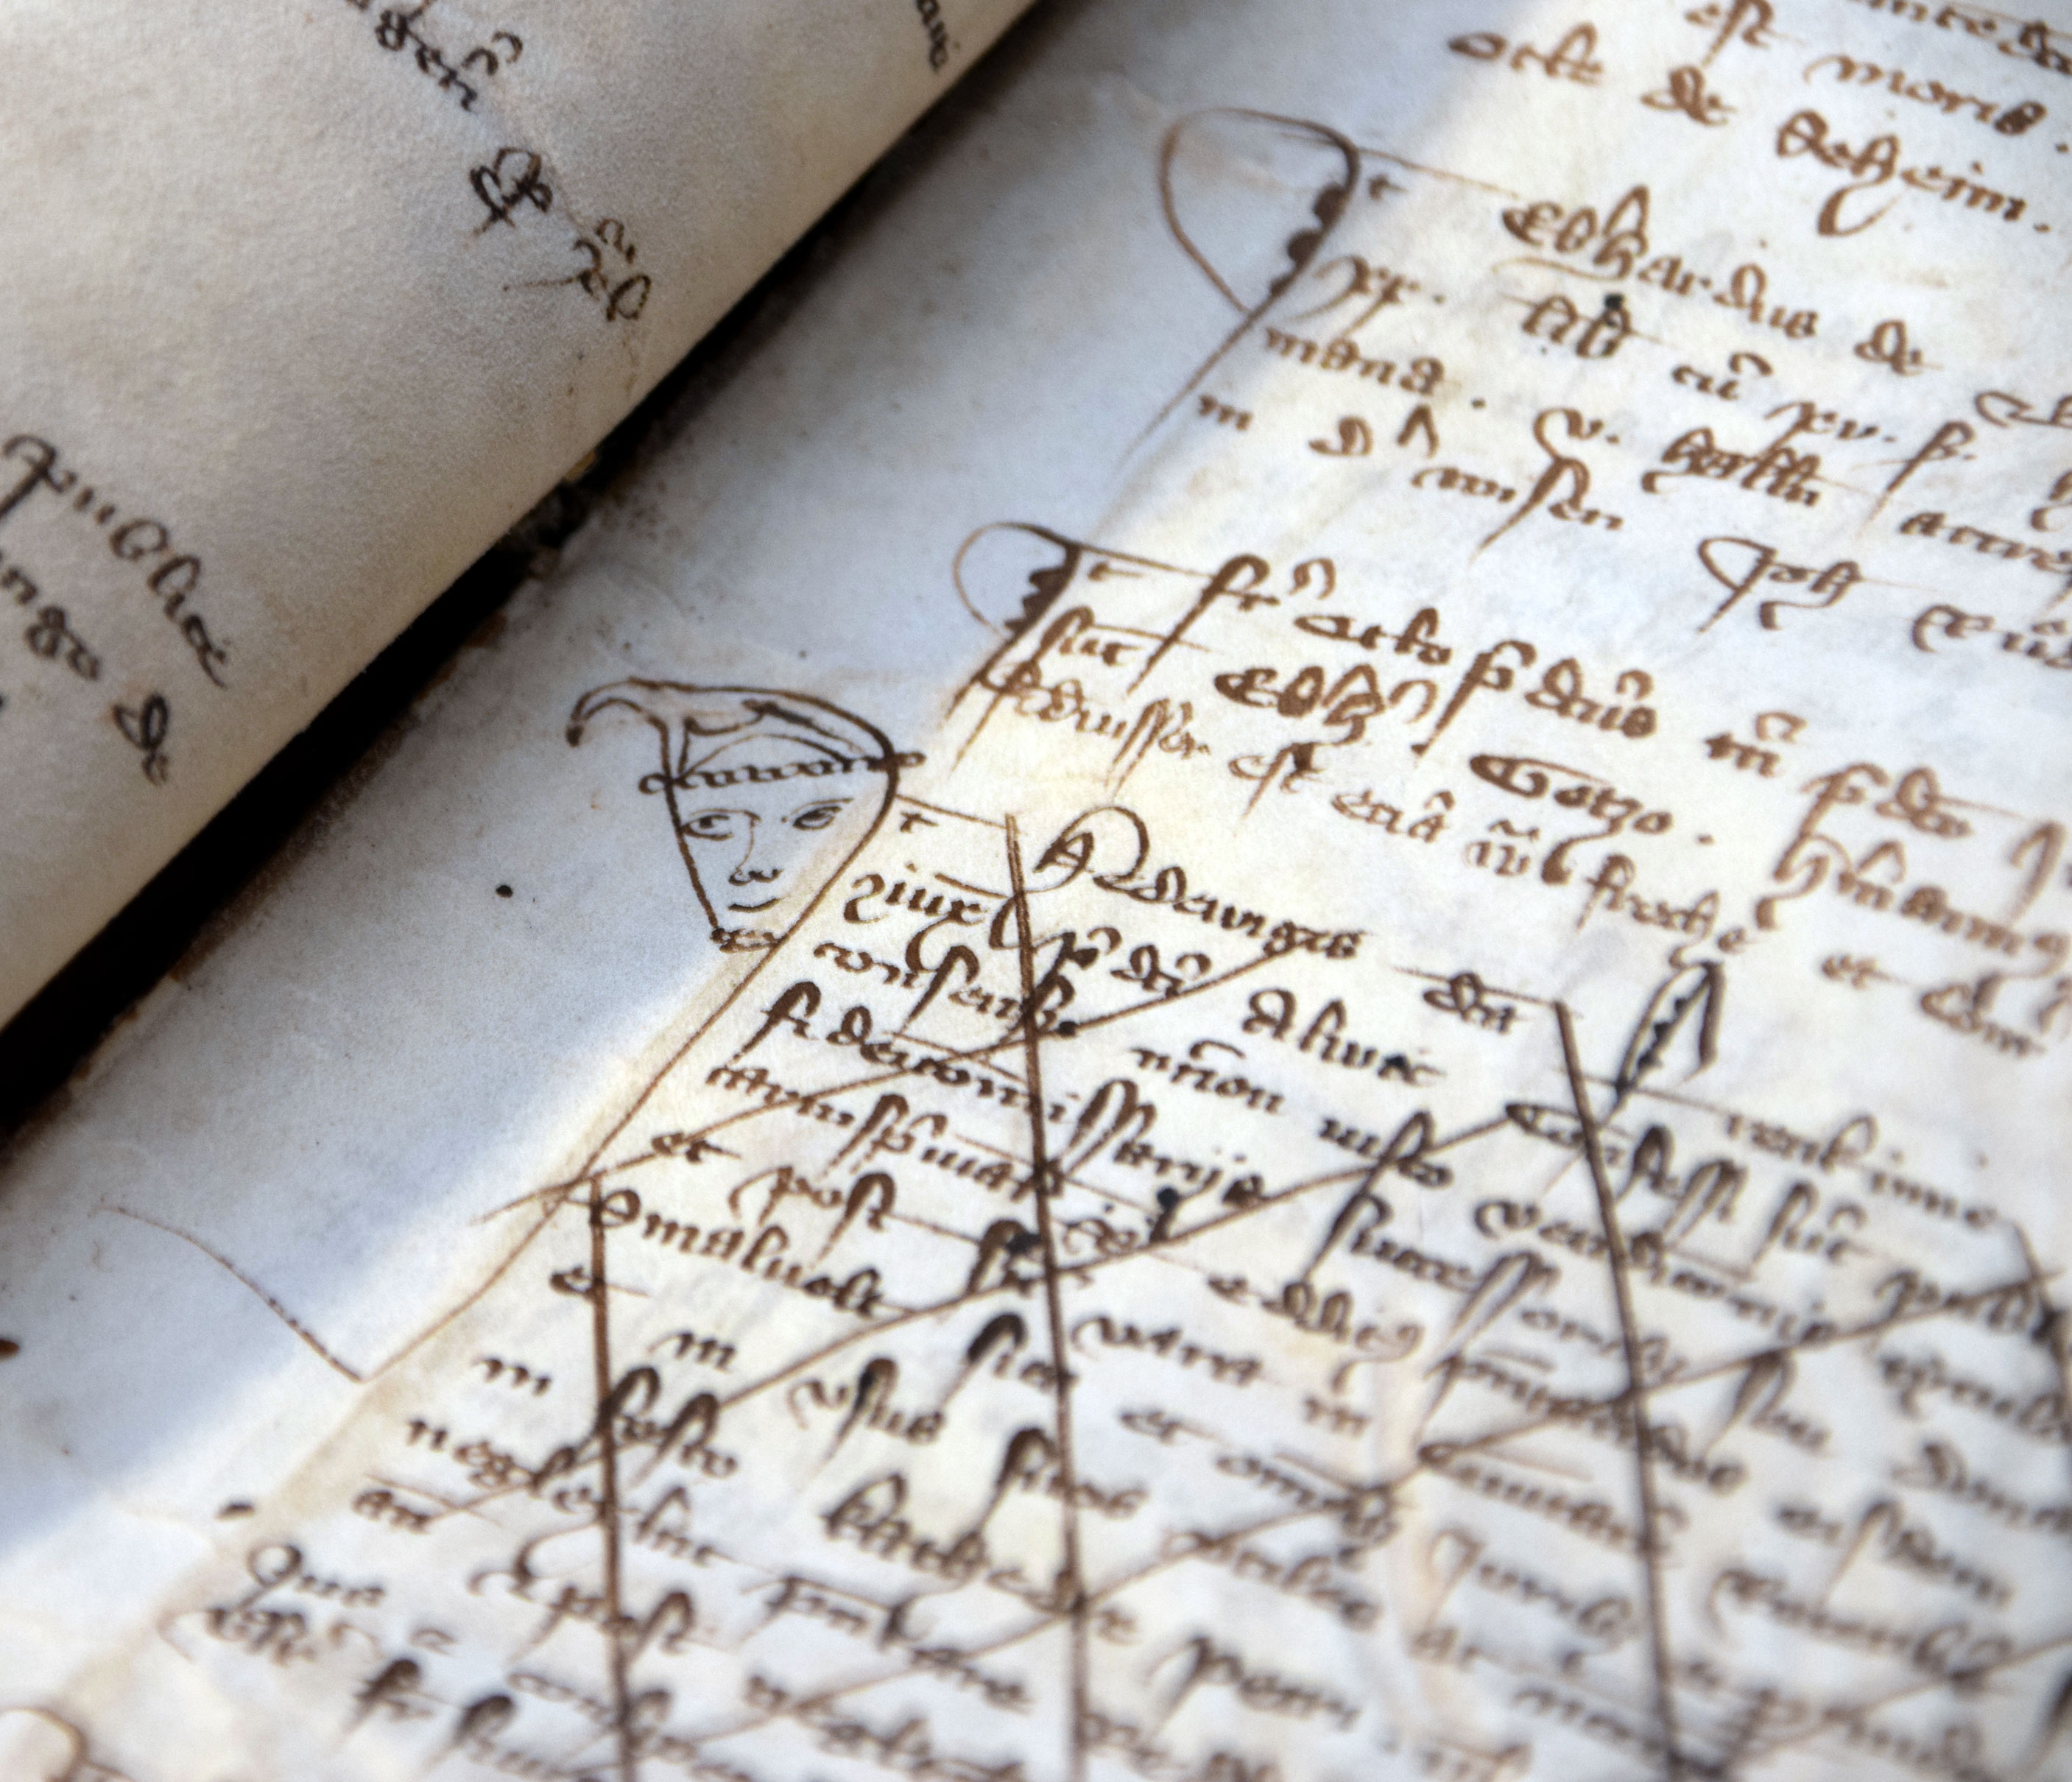 Kurioses Detail im Gerichtsbuch des Kaiserlichen Landgerichts aus den Jahren 1303 bis 1340. Der Geschichtsschreiber hat nicht nur Verhandlungen und Rechtssprechungen festgehalten, sondern auch nette Gesichter an den Seitenrand gezeichnet.